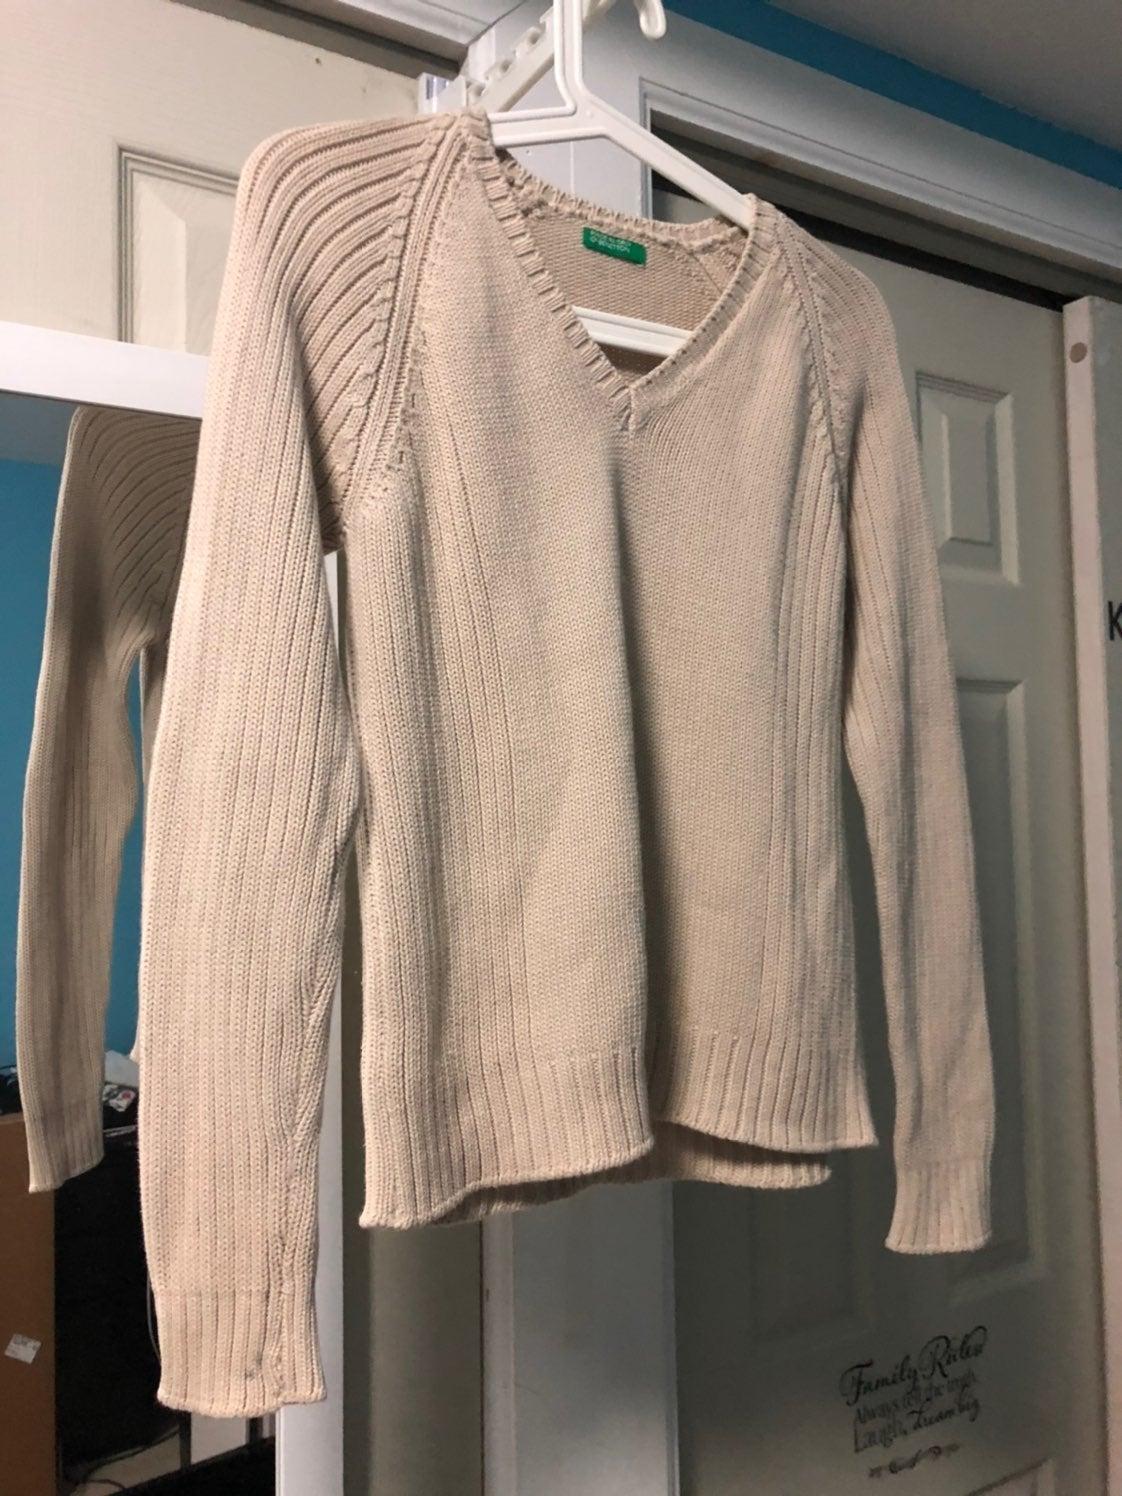 Sweater vintage benetton